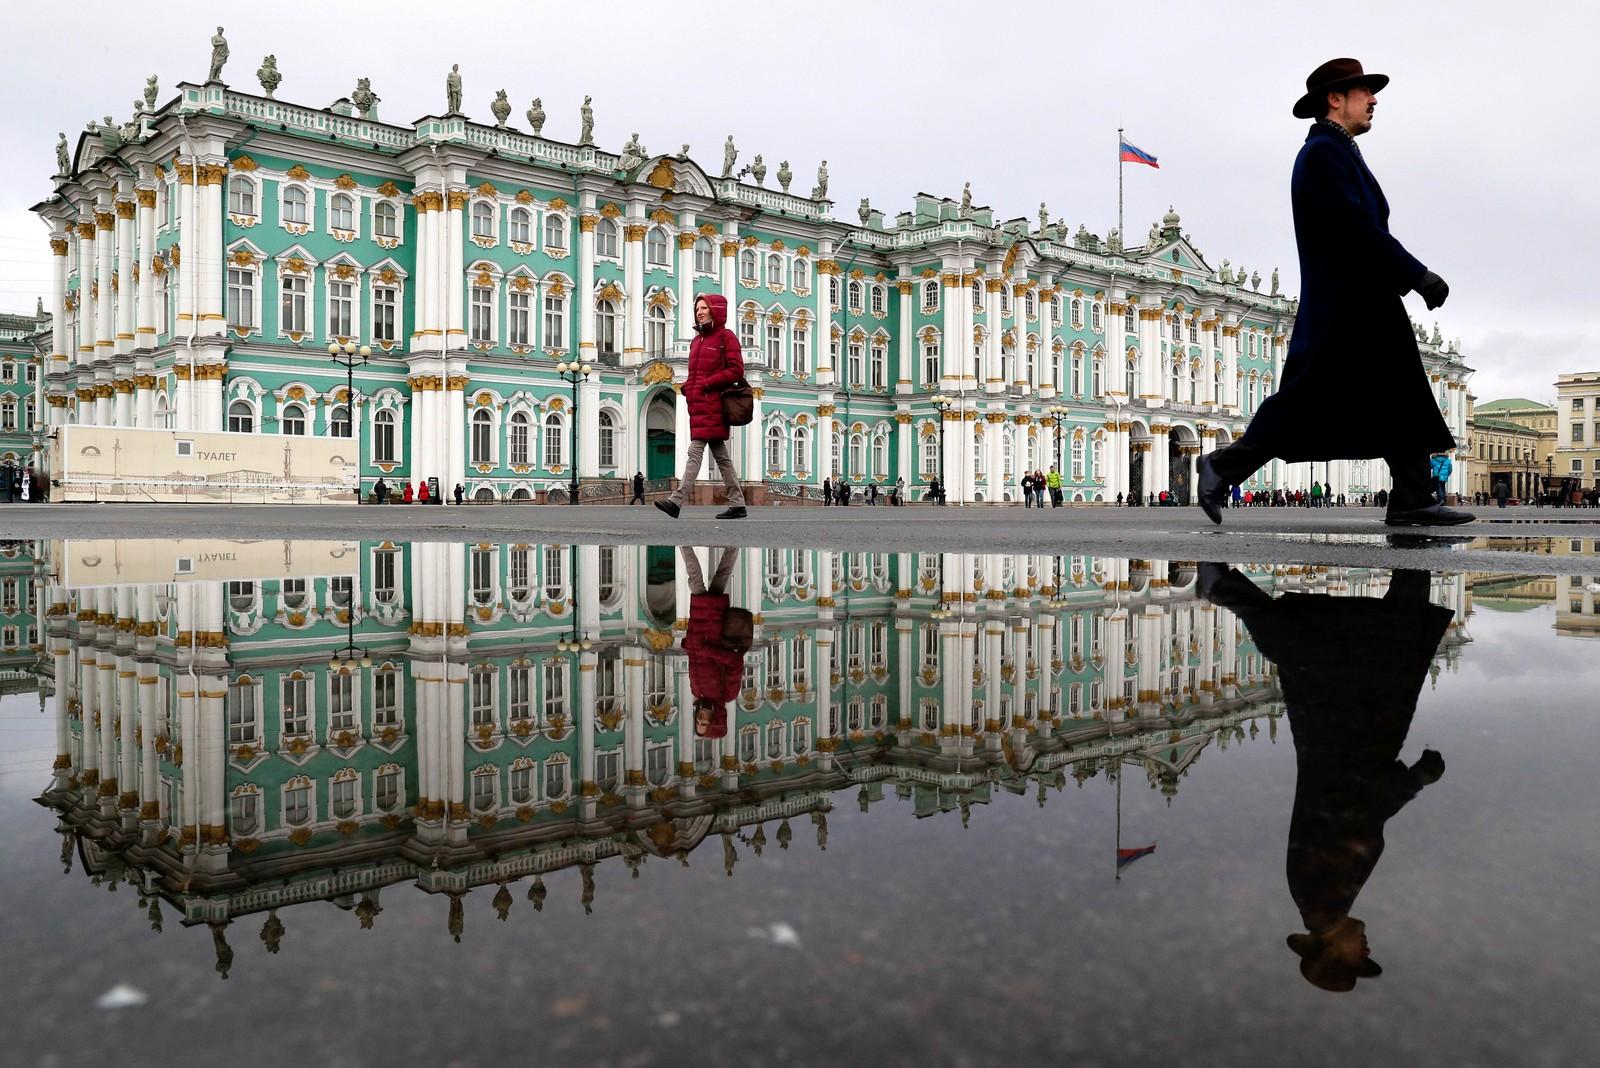 Vinterpalasset i St. Petersburg i Russland.